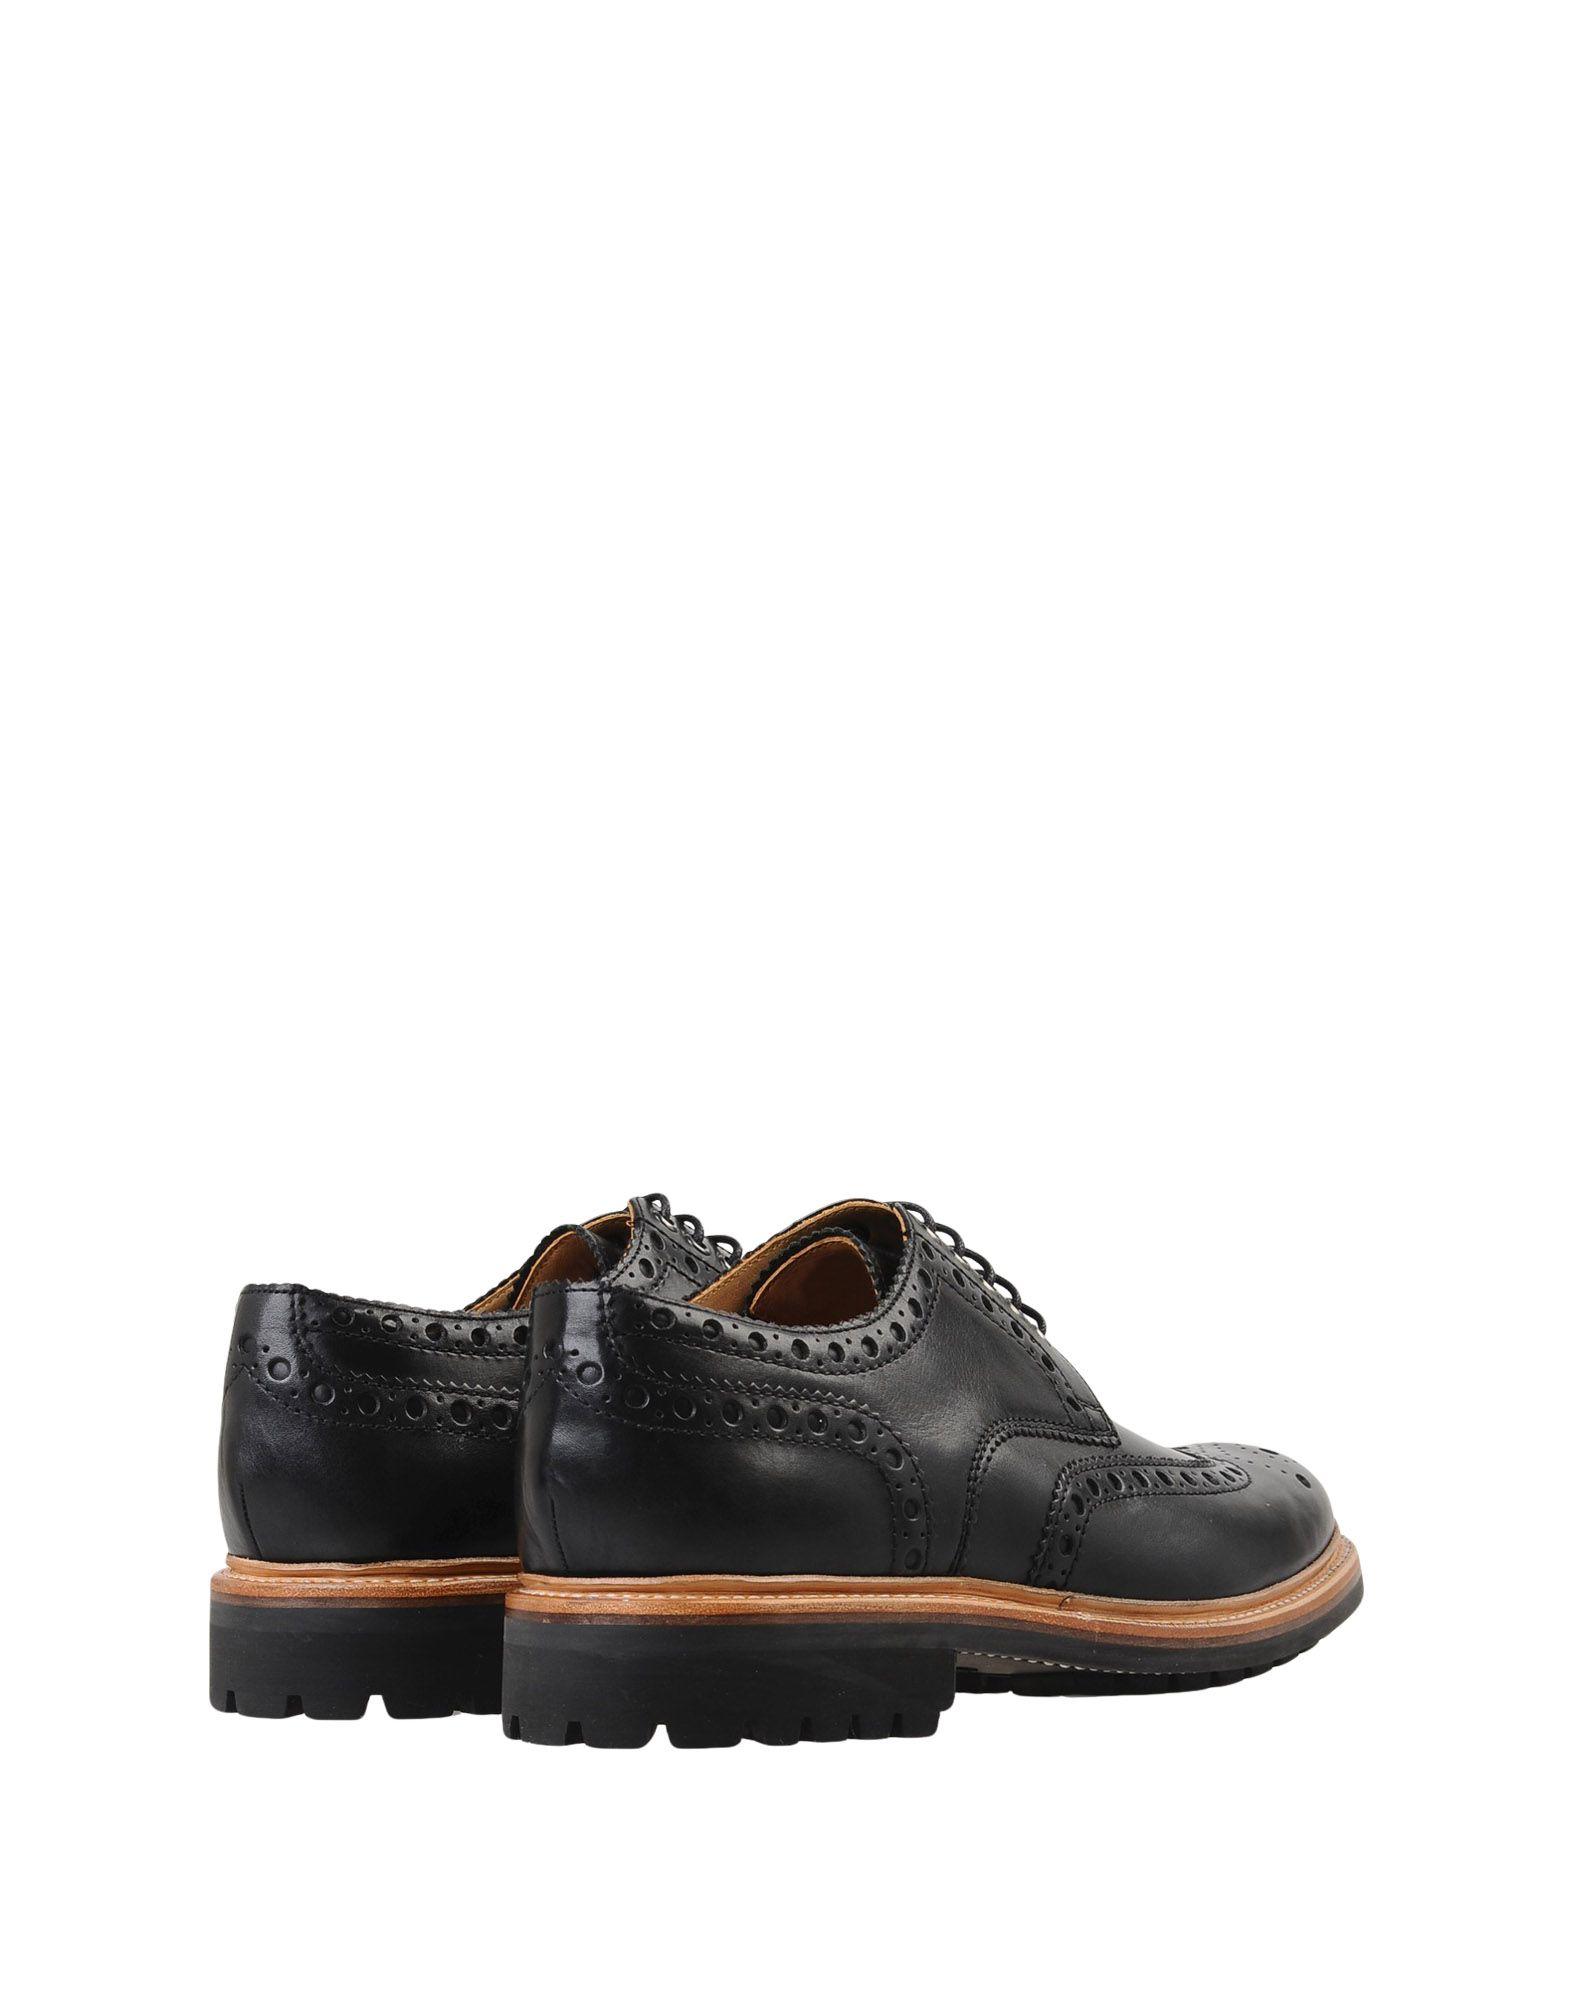 Grenson Archie Commando  11466735OL Schuhe Gute Qualität beliebte Schuhe 11466735OL b09738